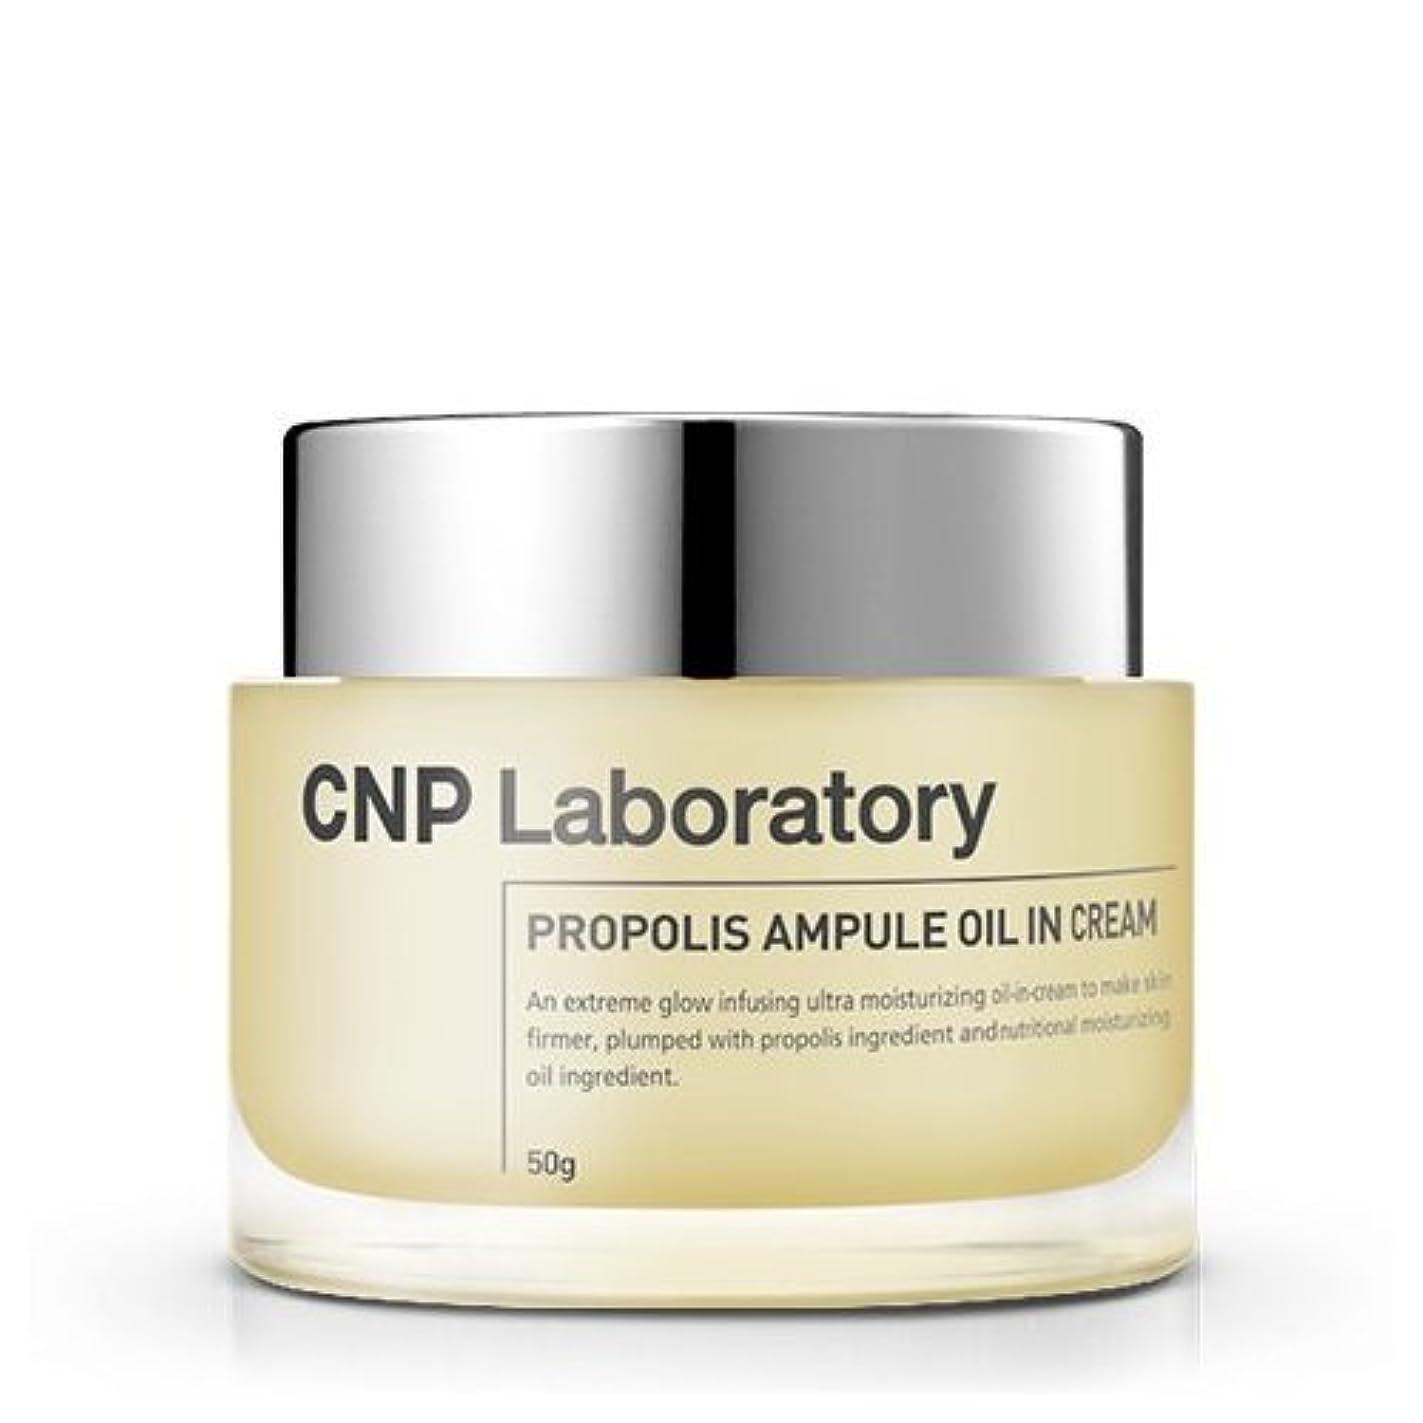 ゼロモーション委員会CNP Laboratory プロポリスアンプルオイルインクリーム50ミリリットル